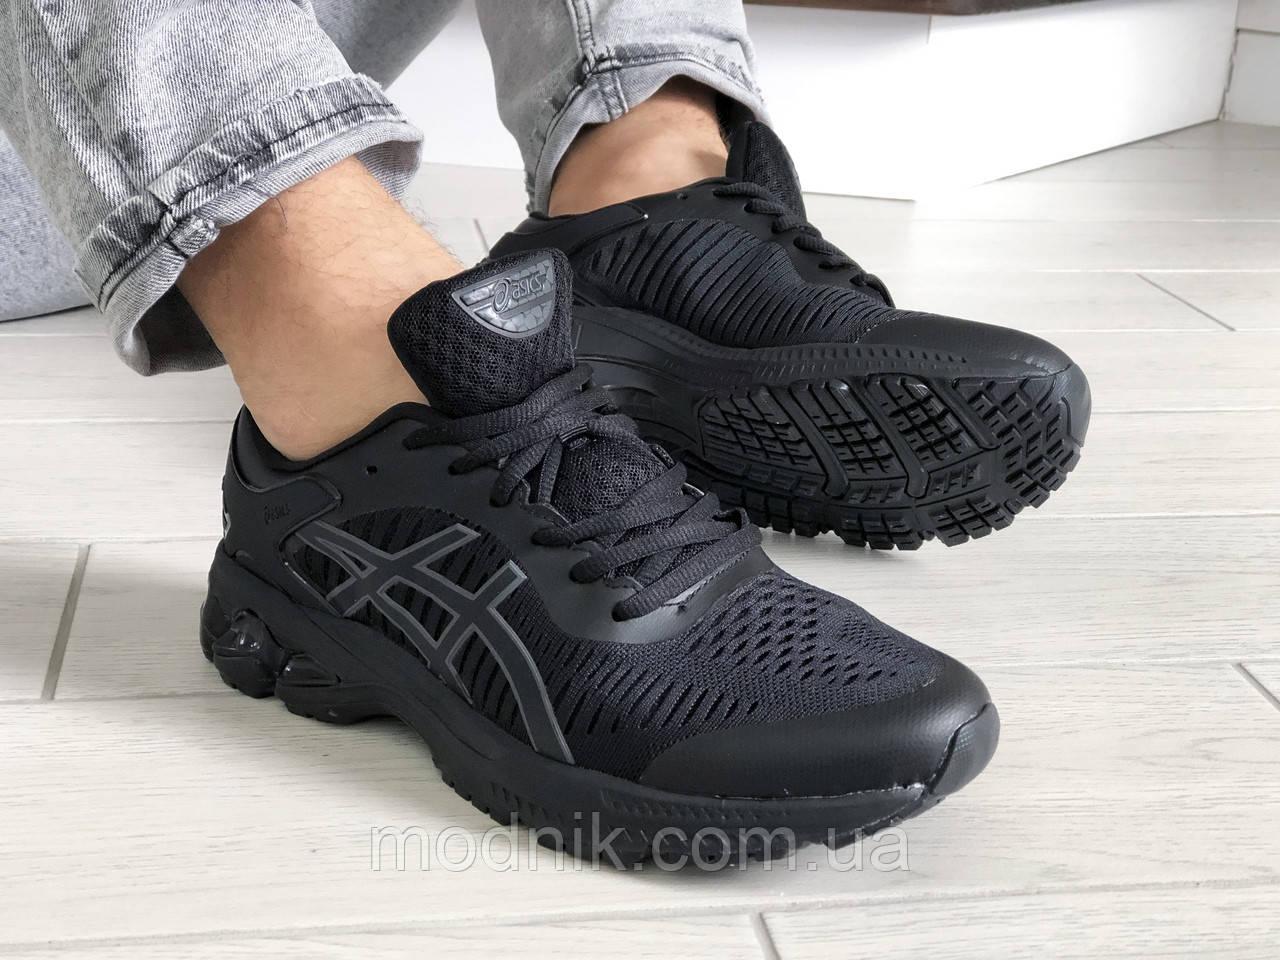 Мужские кроссовки Asics Gel-Kayano 25 (черные) 9260